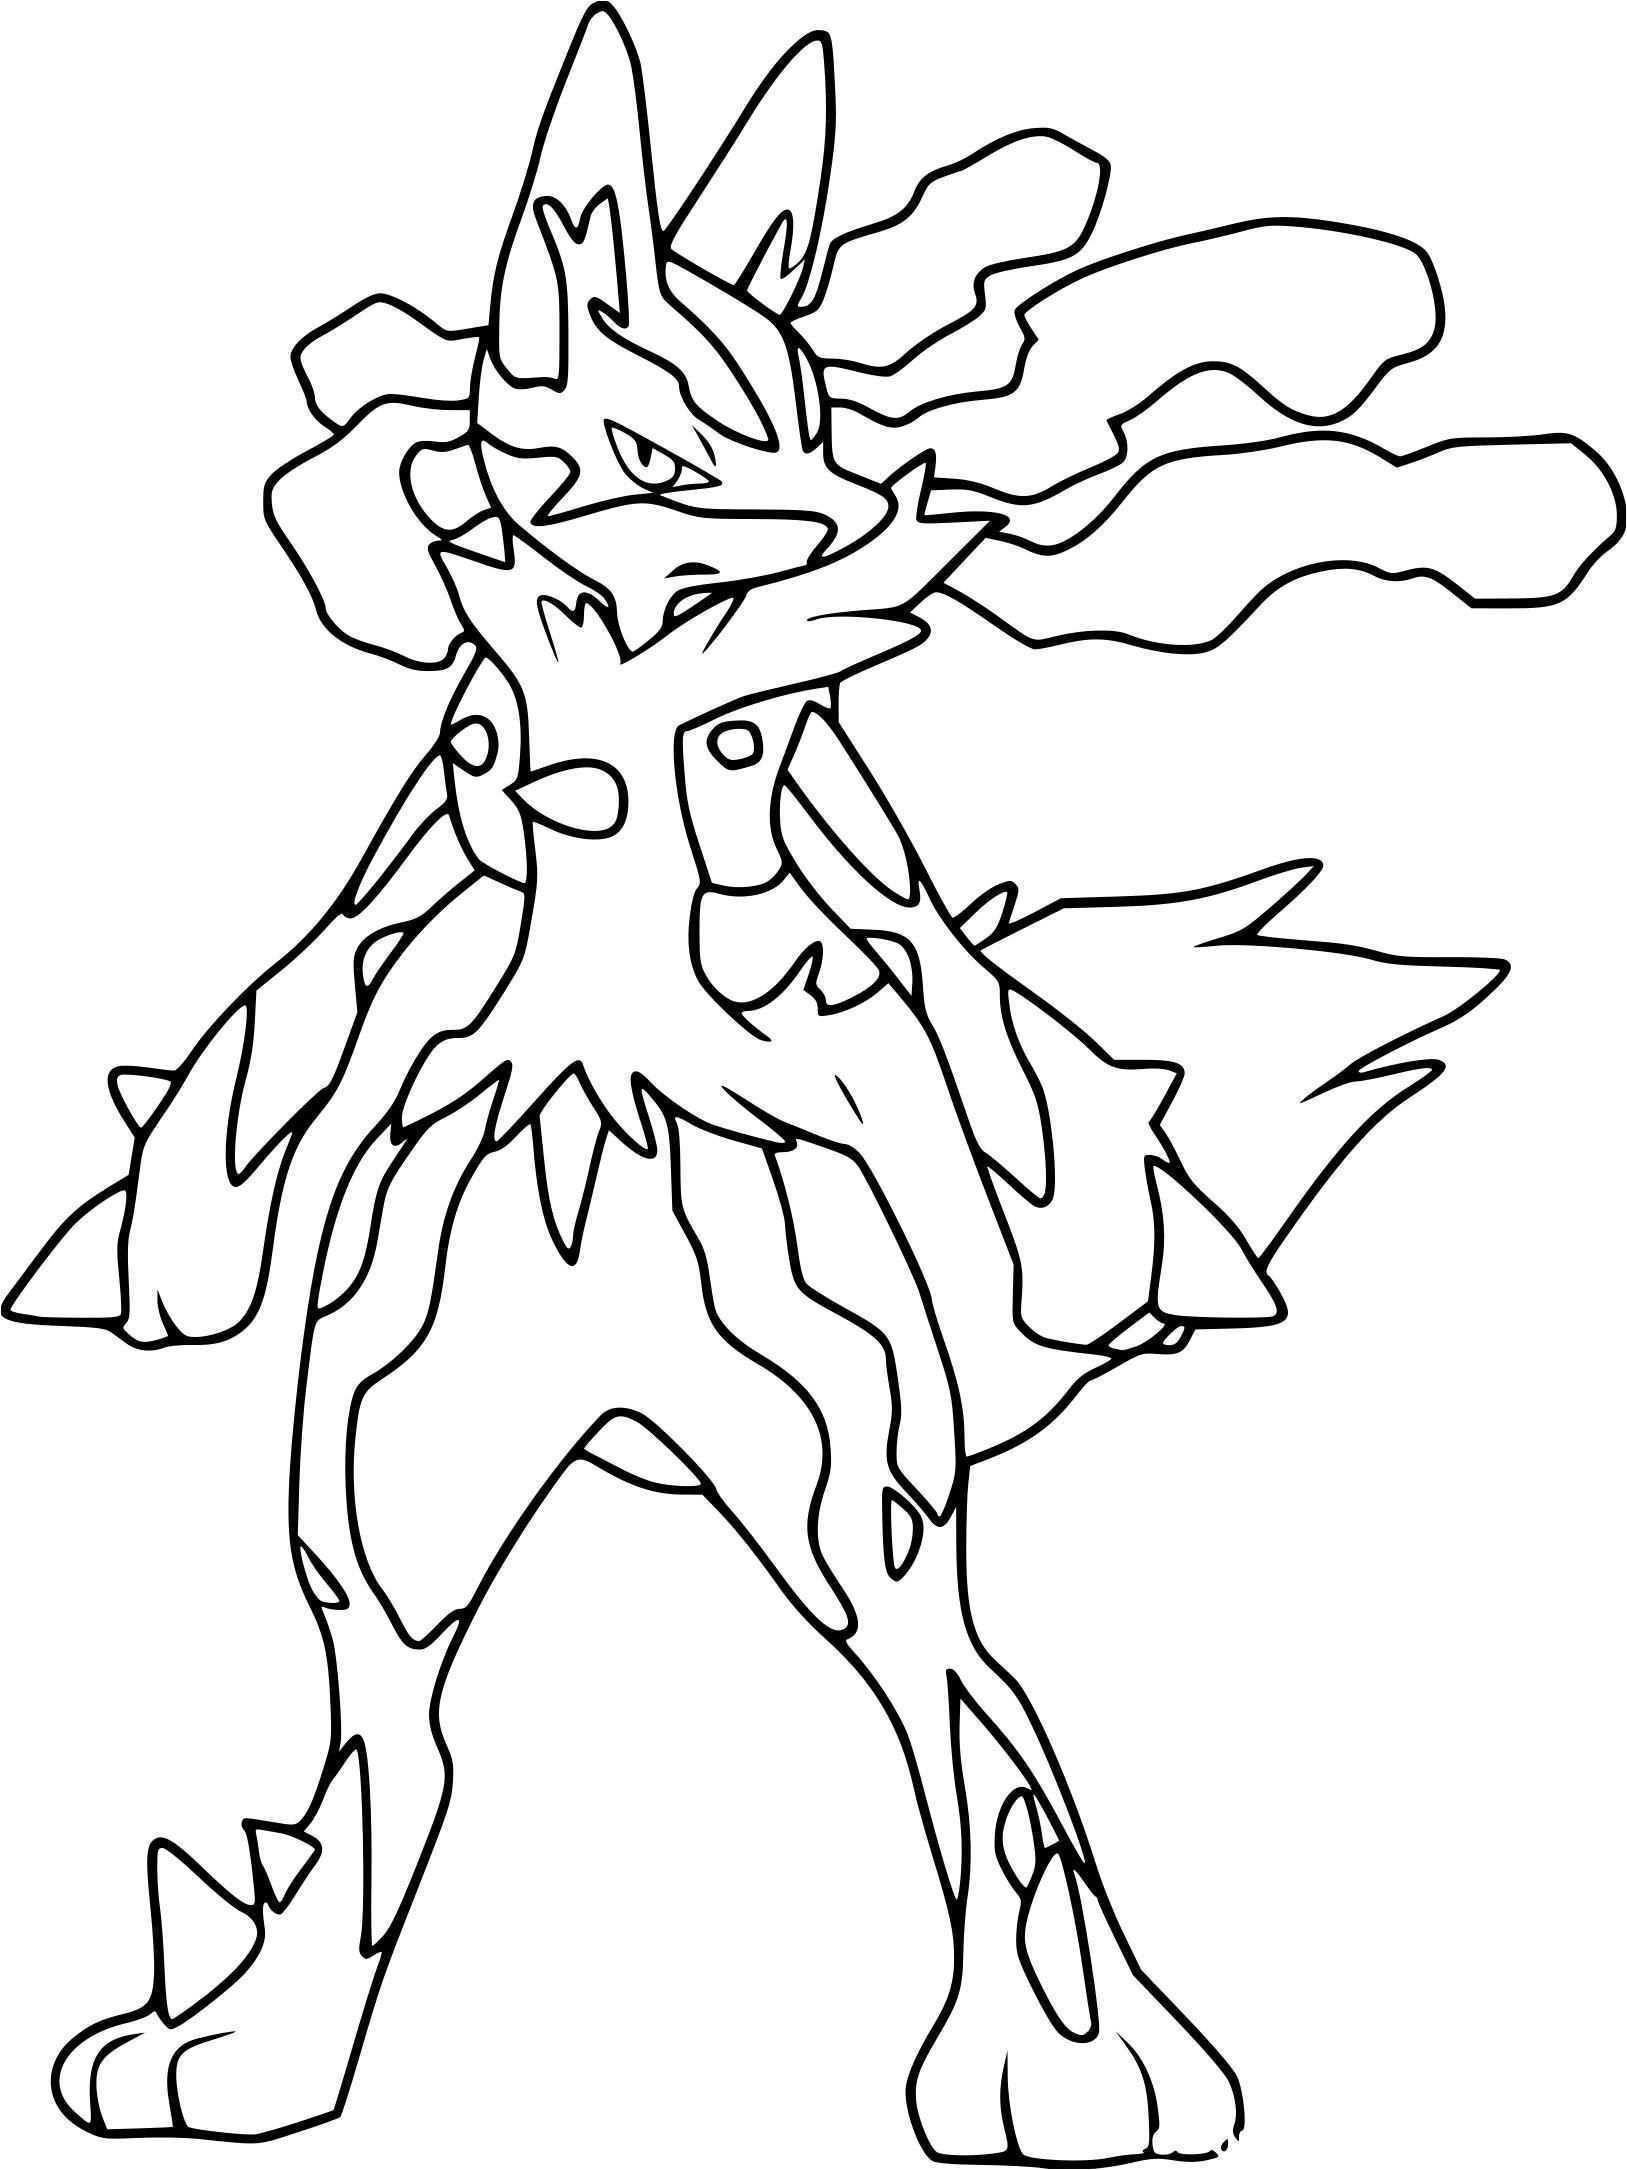 39 Dessins De Coloriage Pokemon Mega Evolution À Imprimer à Imprimer Coloriage Pokemon